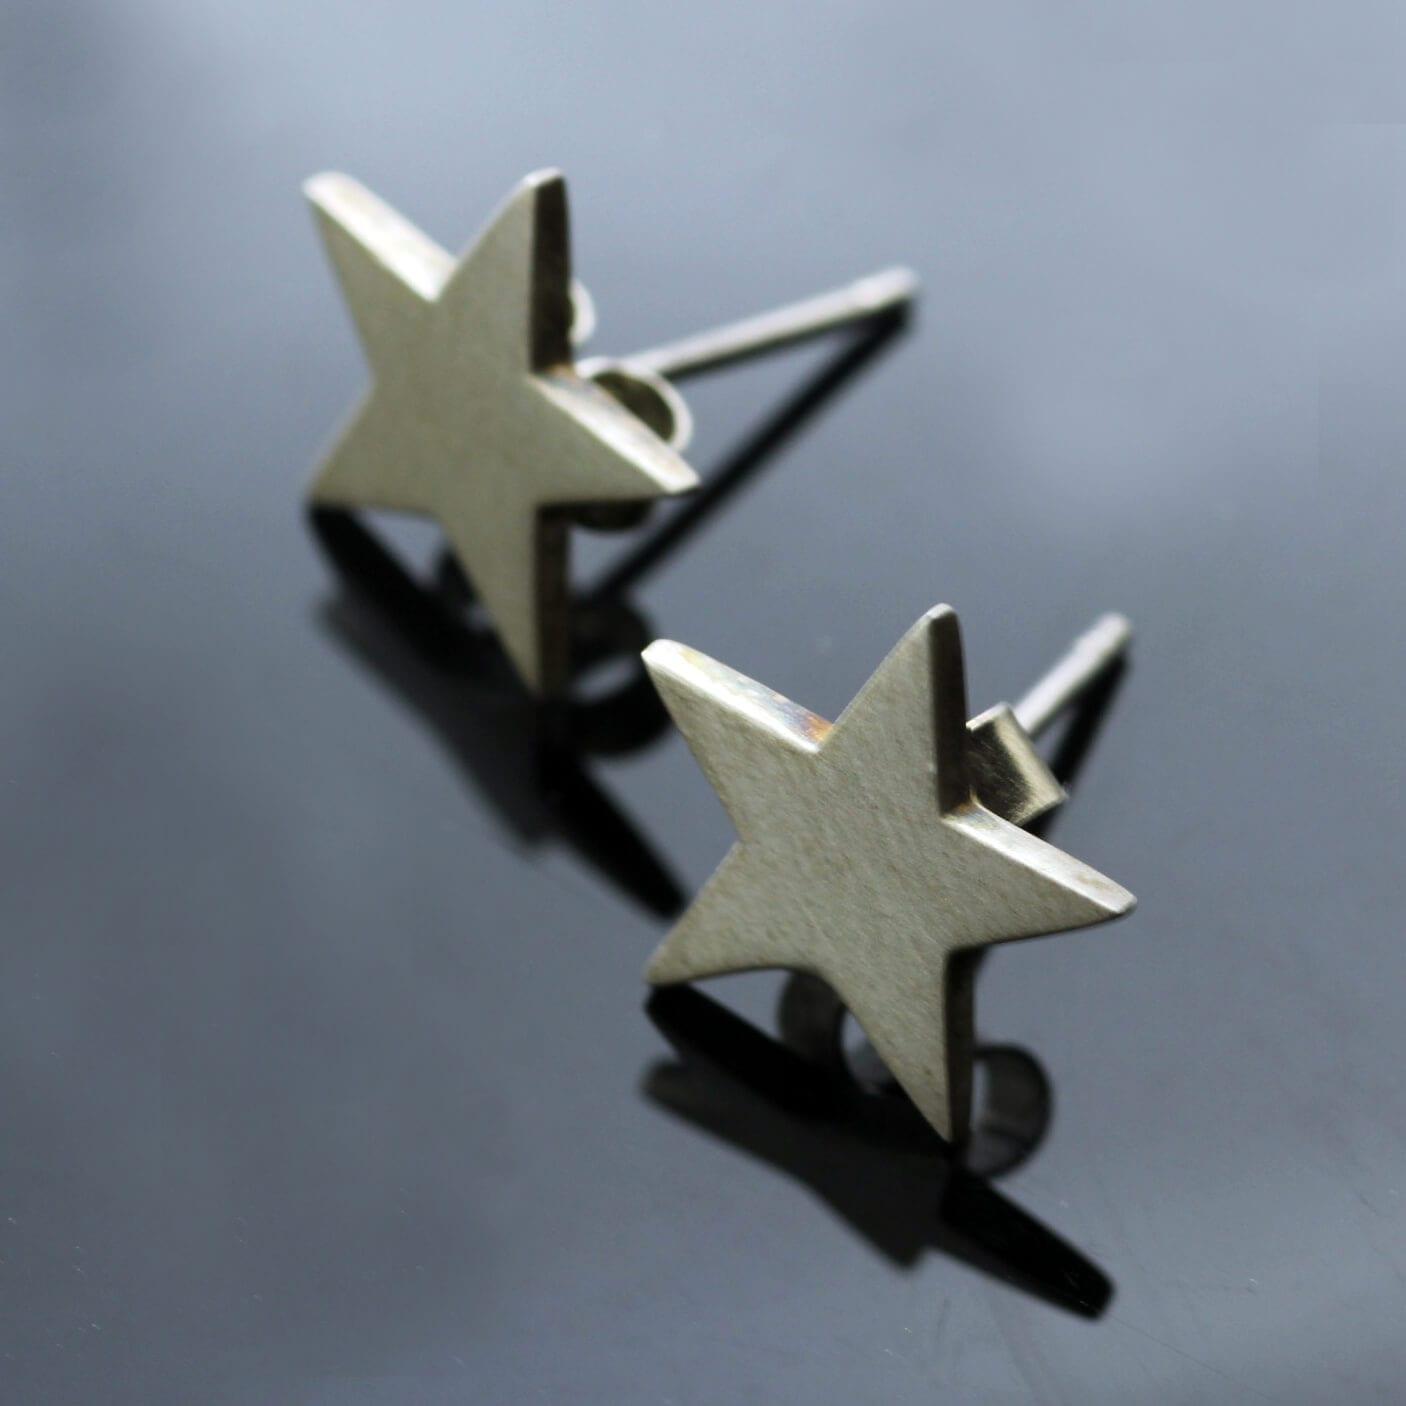 Handmade solid Sterling Silver Star stud earrings